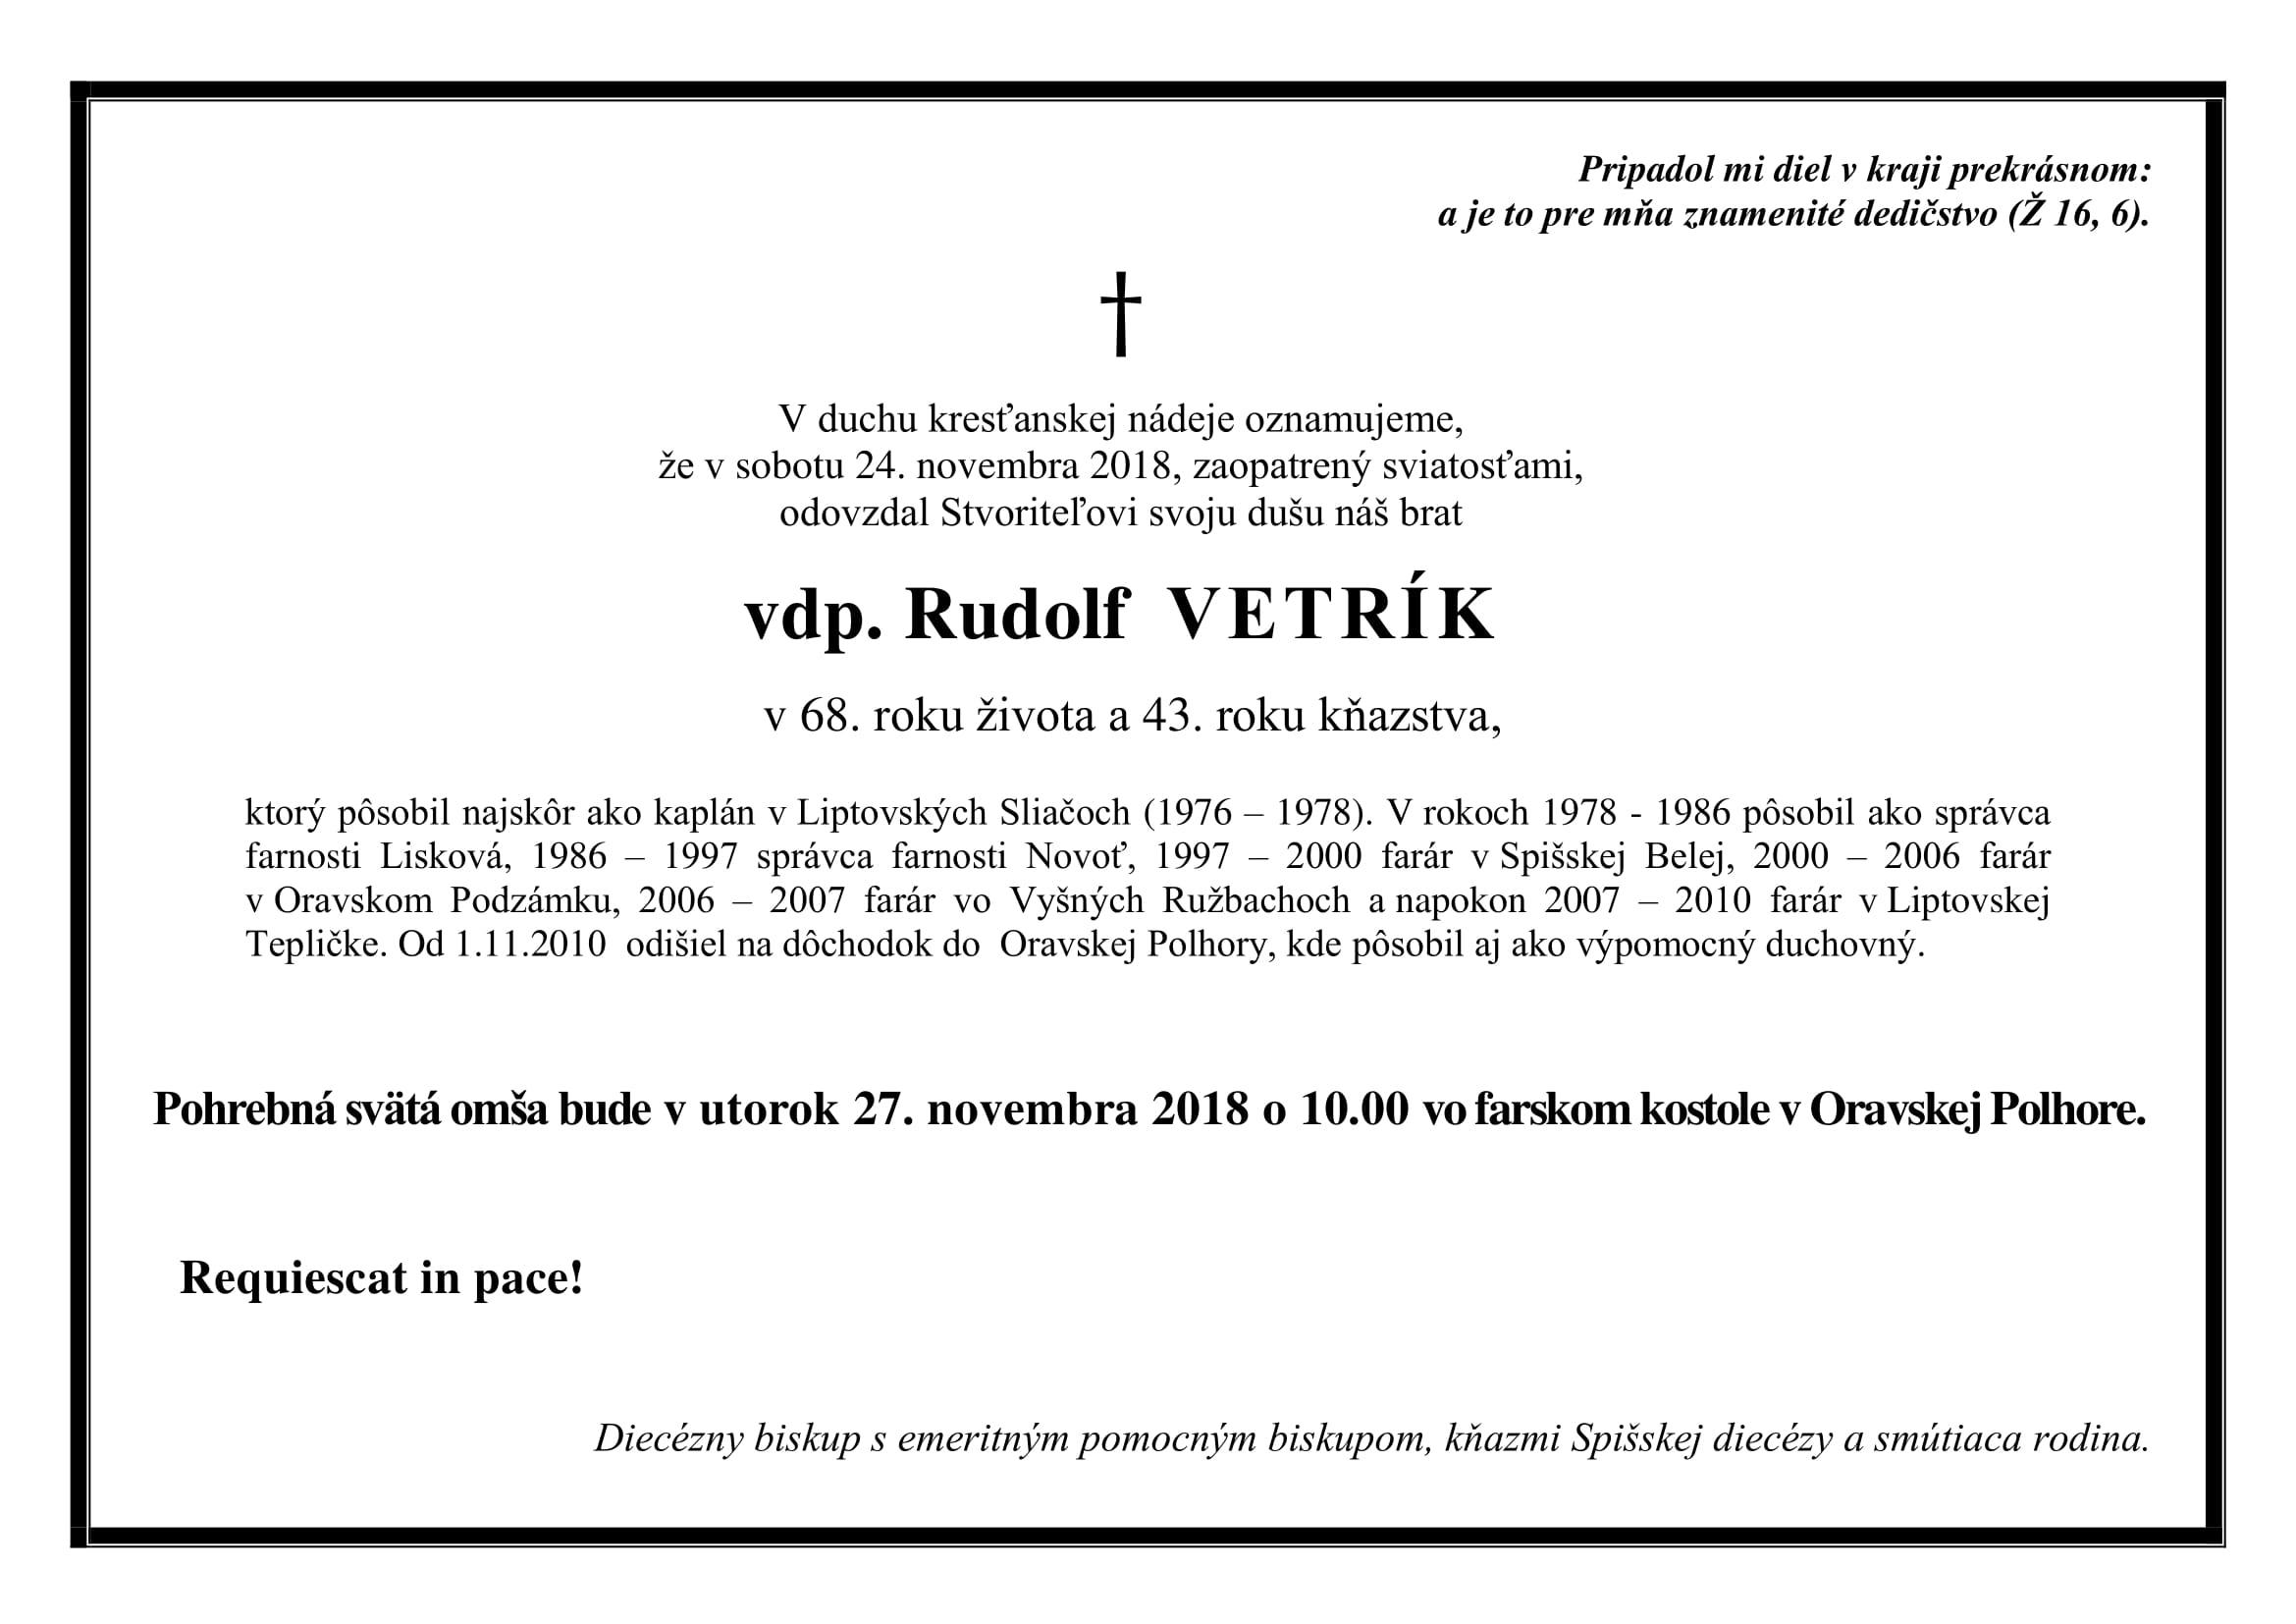 PARTE_Vetrík-1